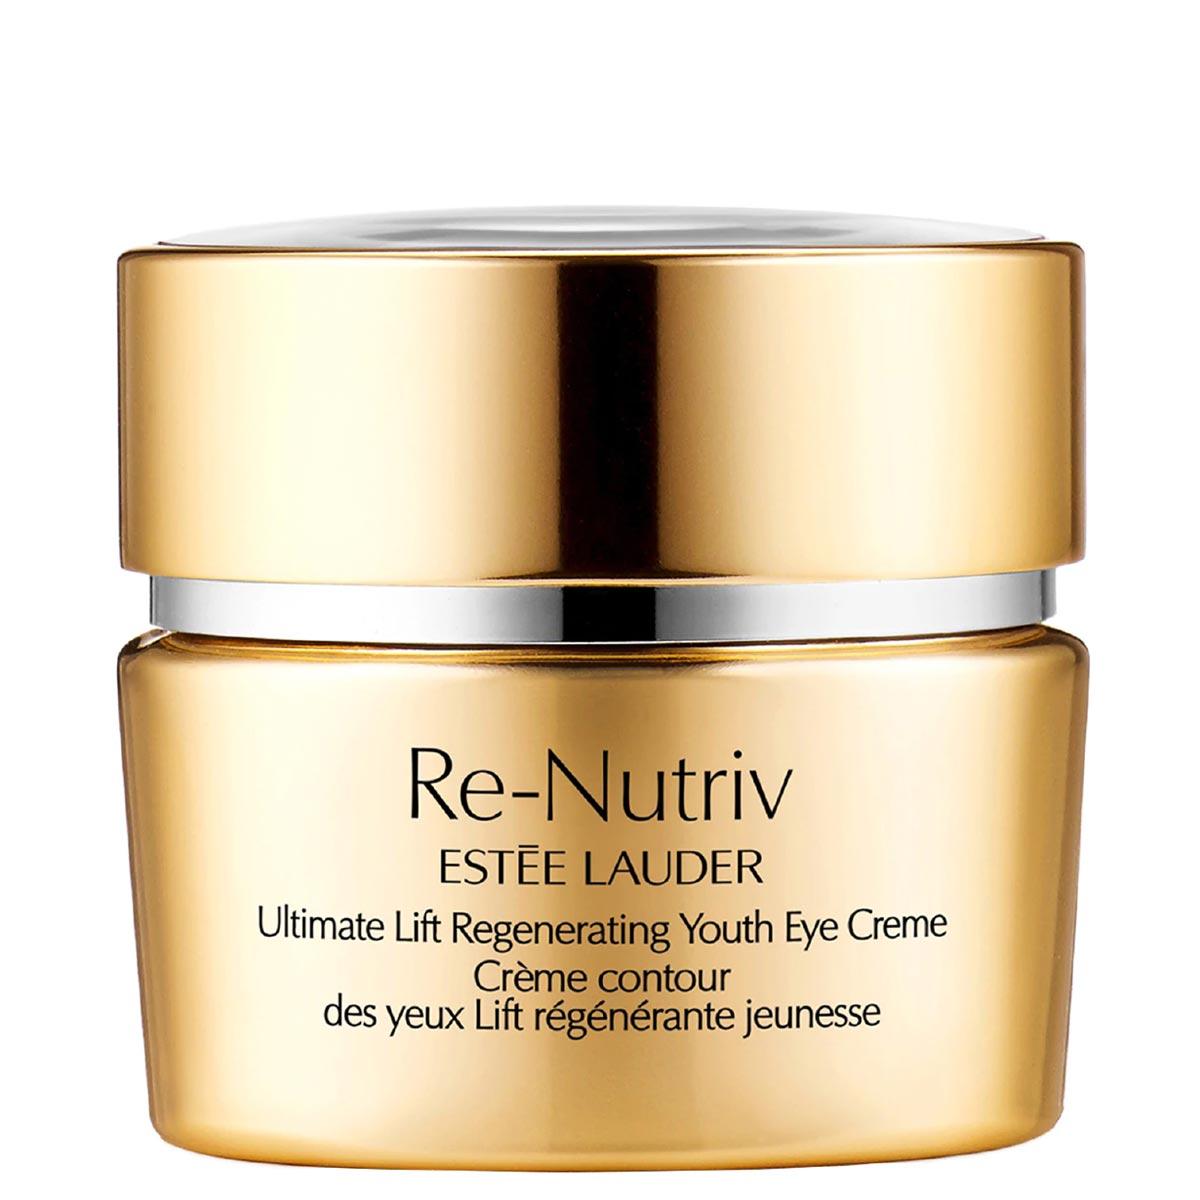 Estée Lauder - Re-Nutriv Ultimate Lift - Crème contour des yeux lift régénérante jeunesse 15 ml